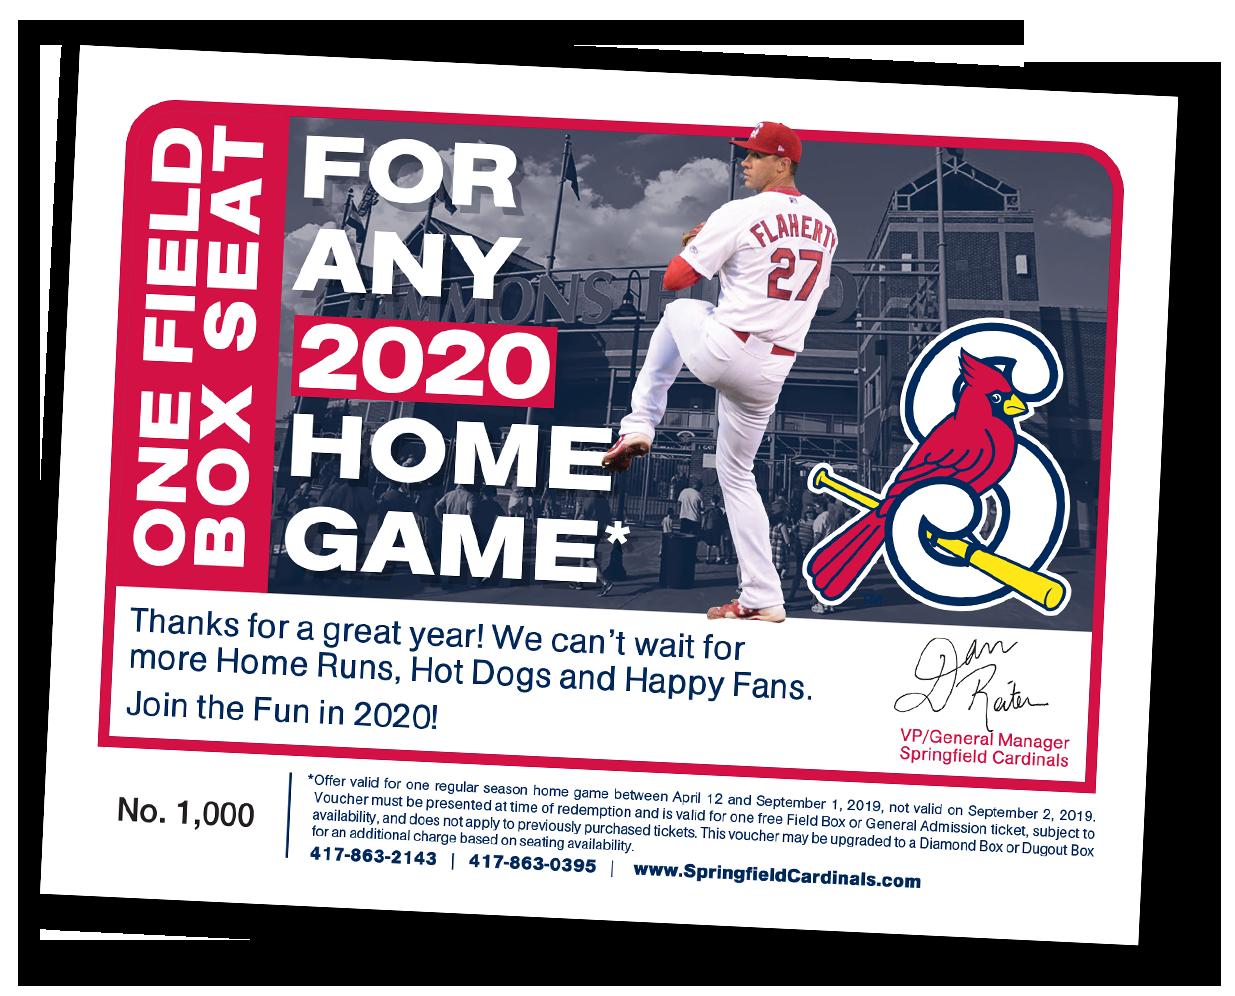 Springfield Cardinals Promotions | Cardinals